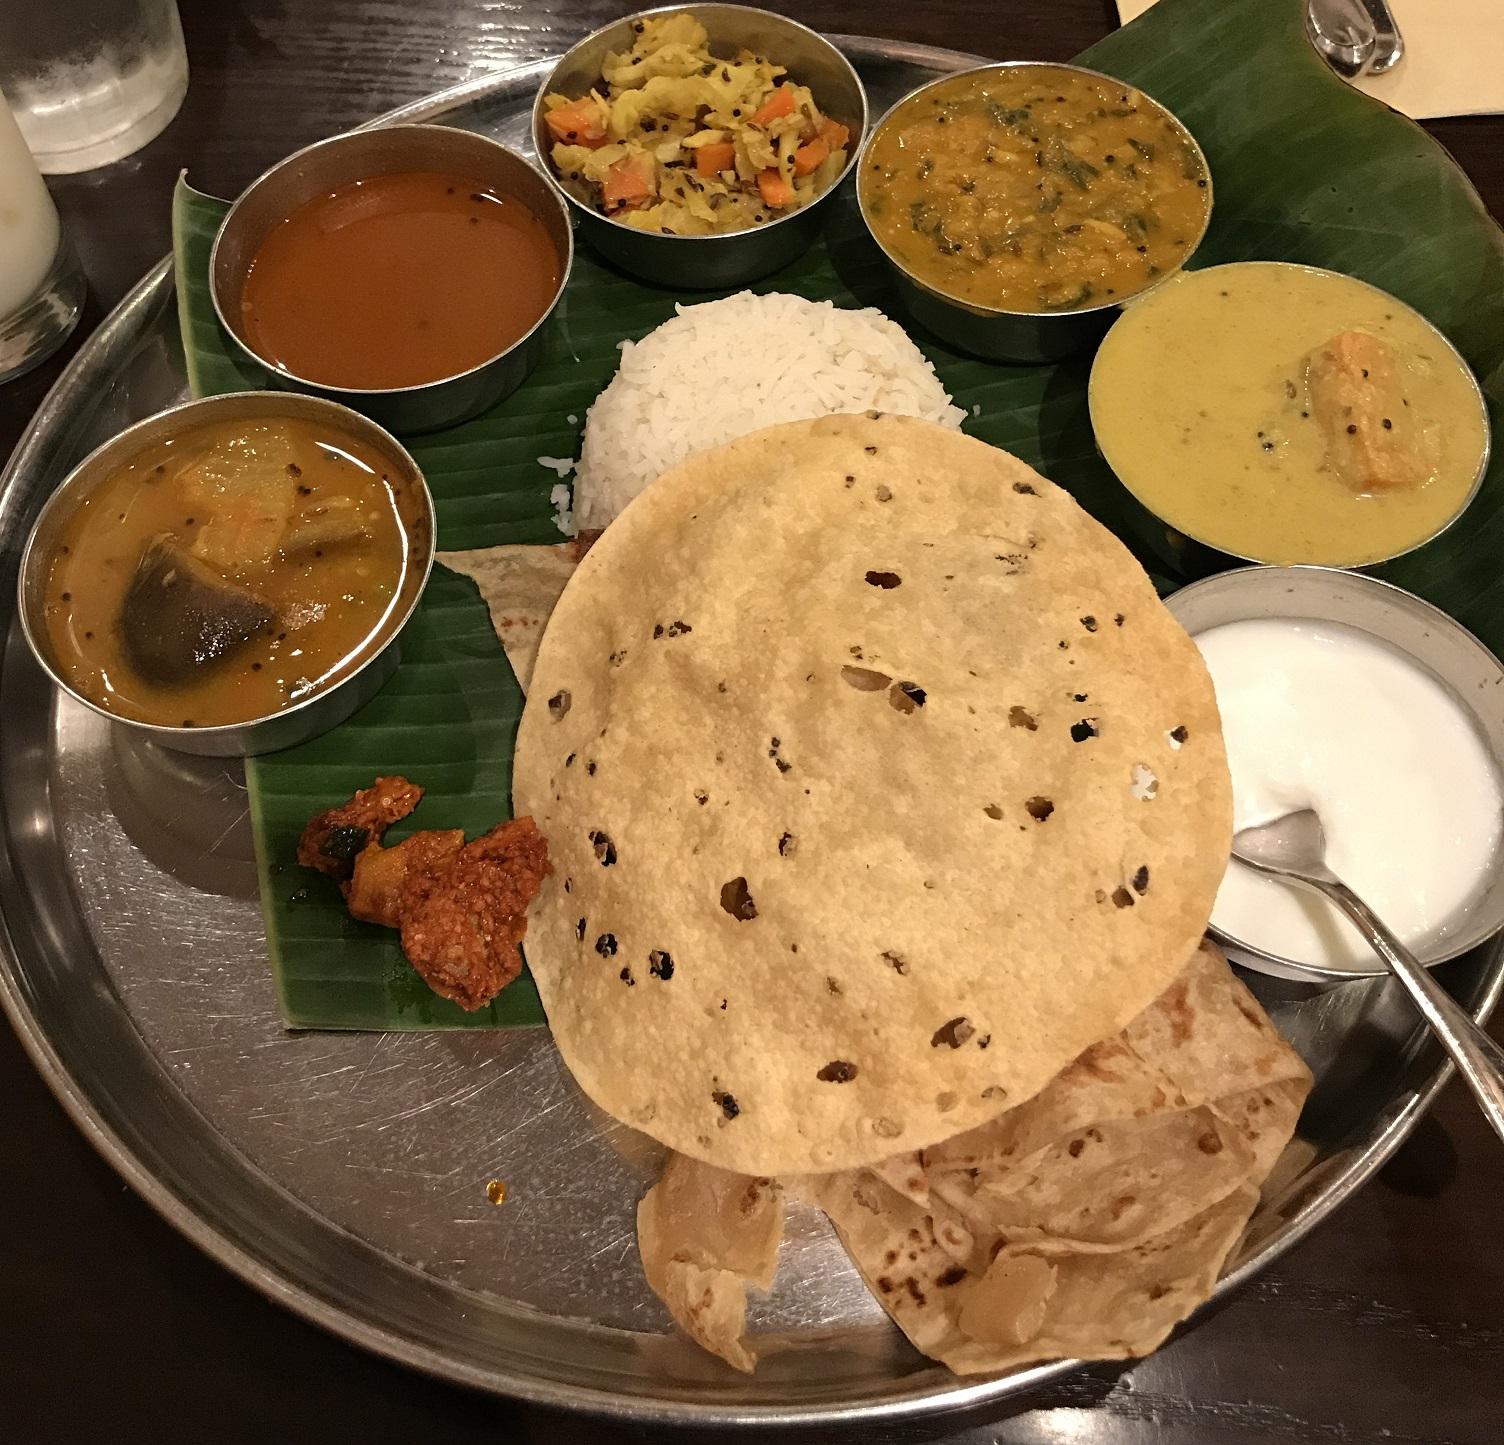 銀座で最高に美味しいインドカレー「アーンドラ・ダイニング銀座」